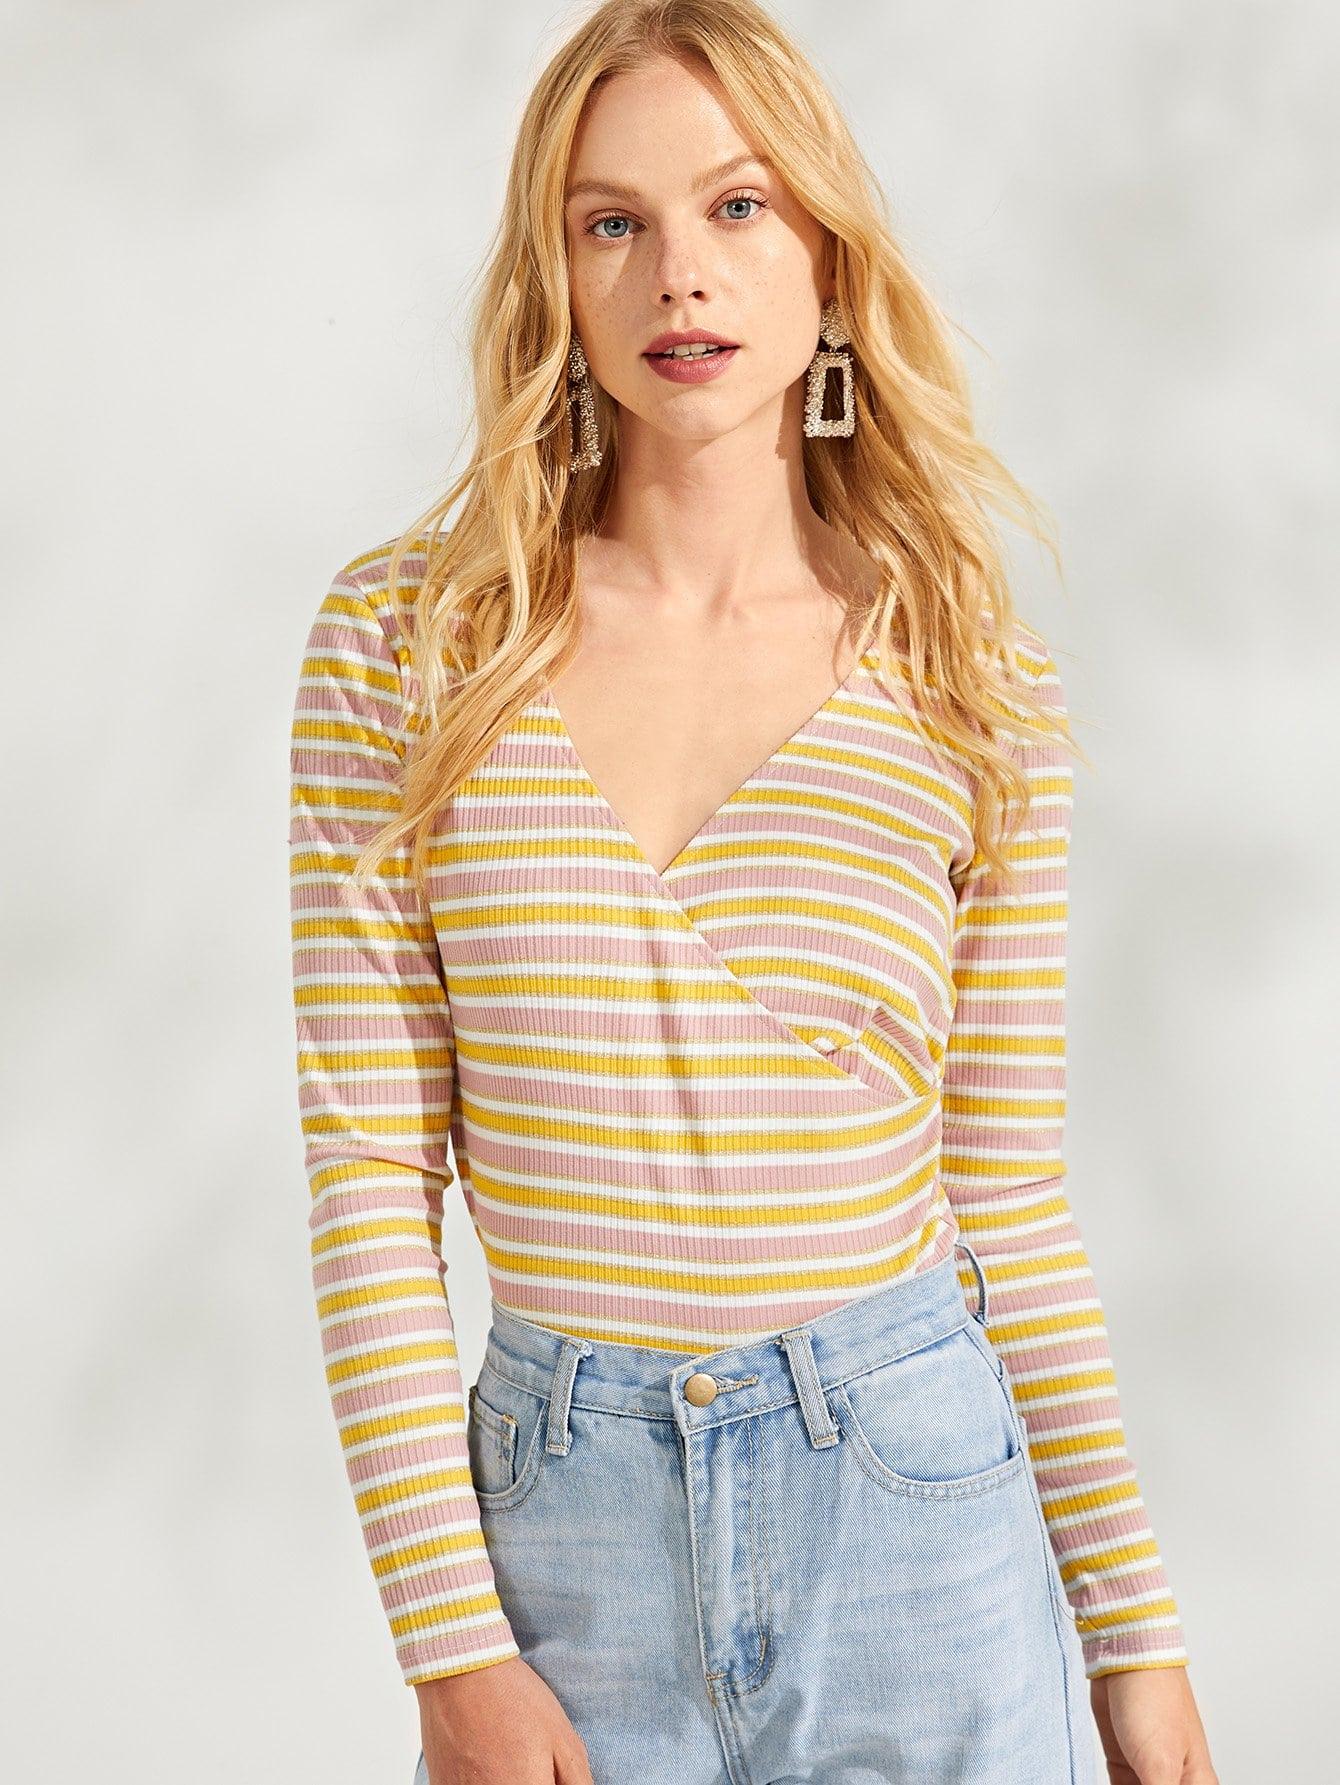 Купить Полосатая футболка с запахом и с V-образным вырезом, Denisa, SheIn